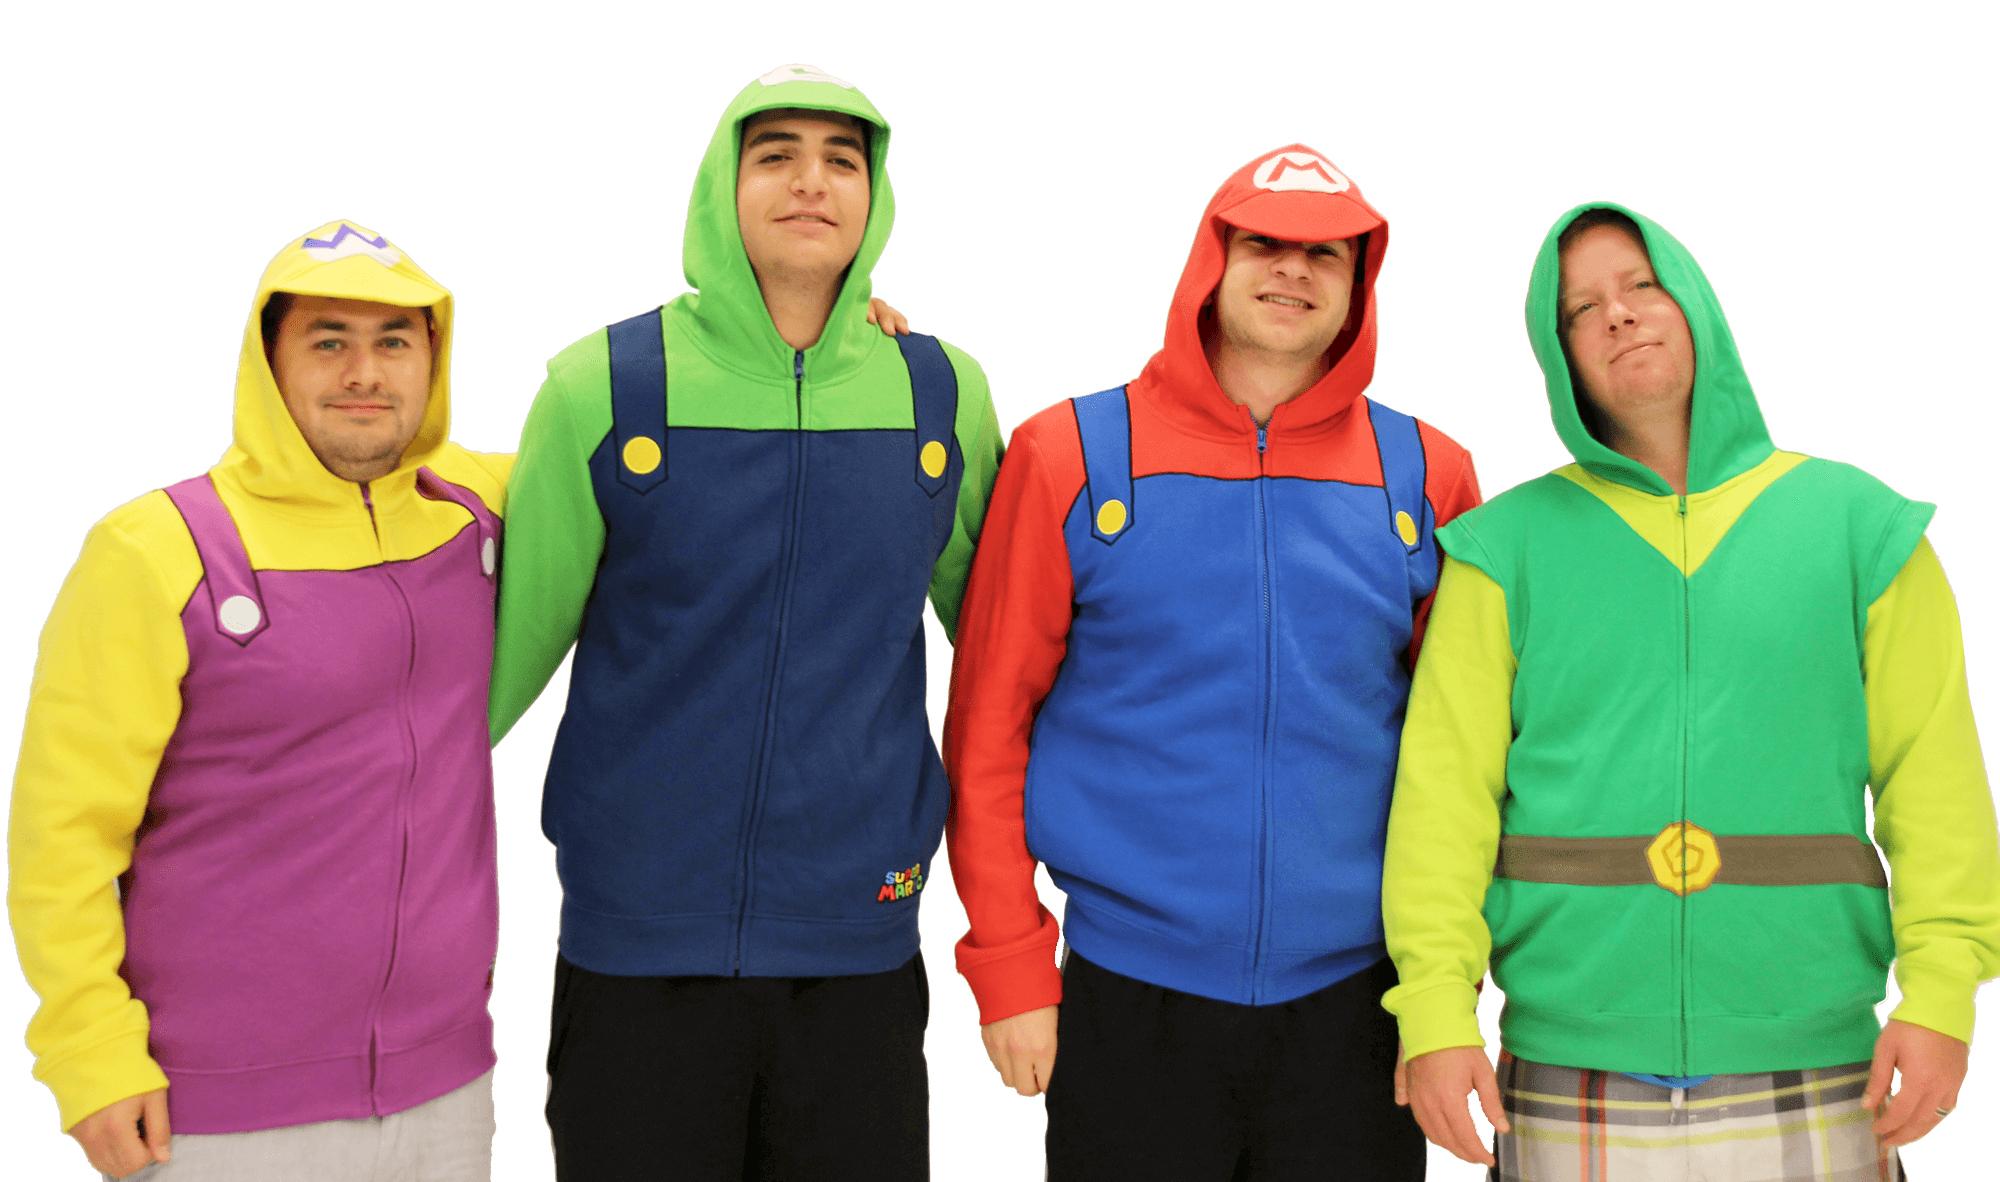 Mario Hoodie Group 5